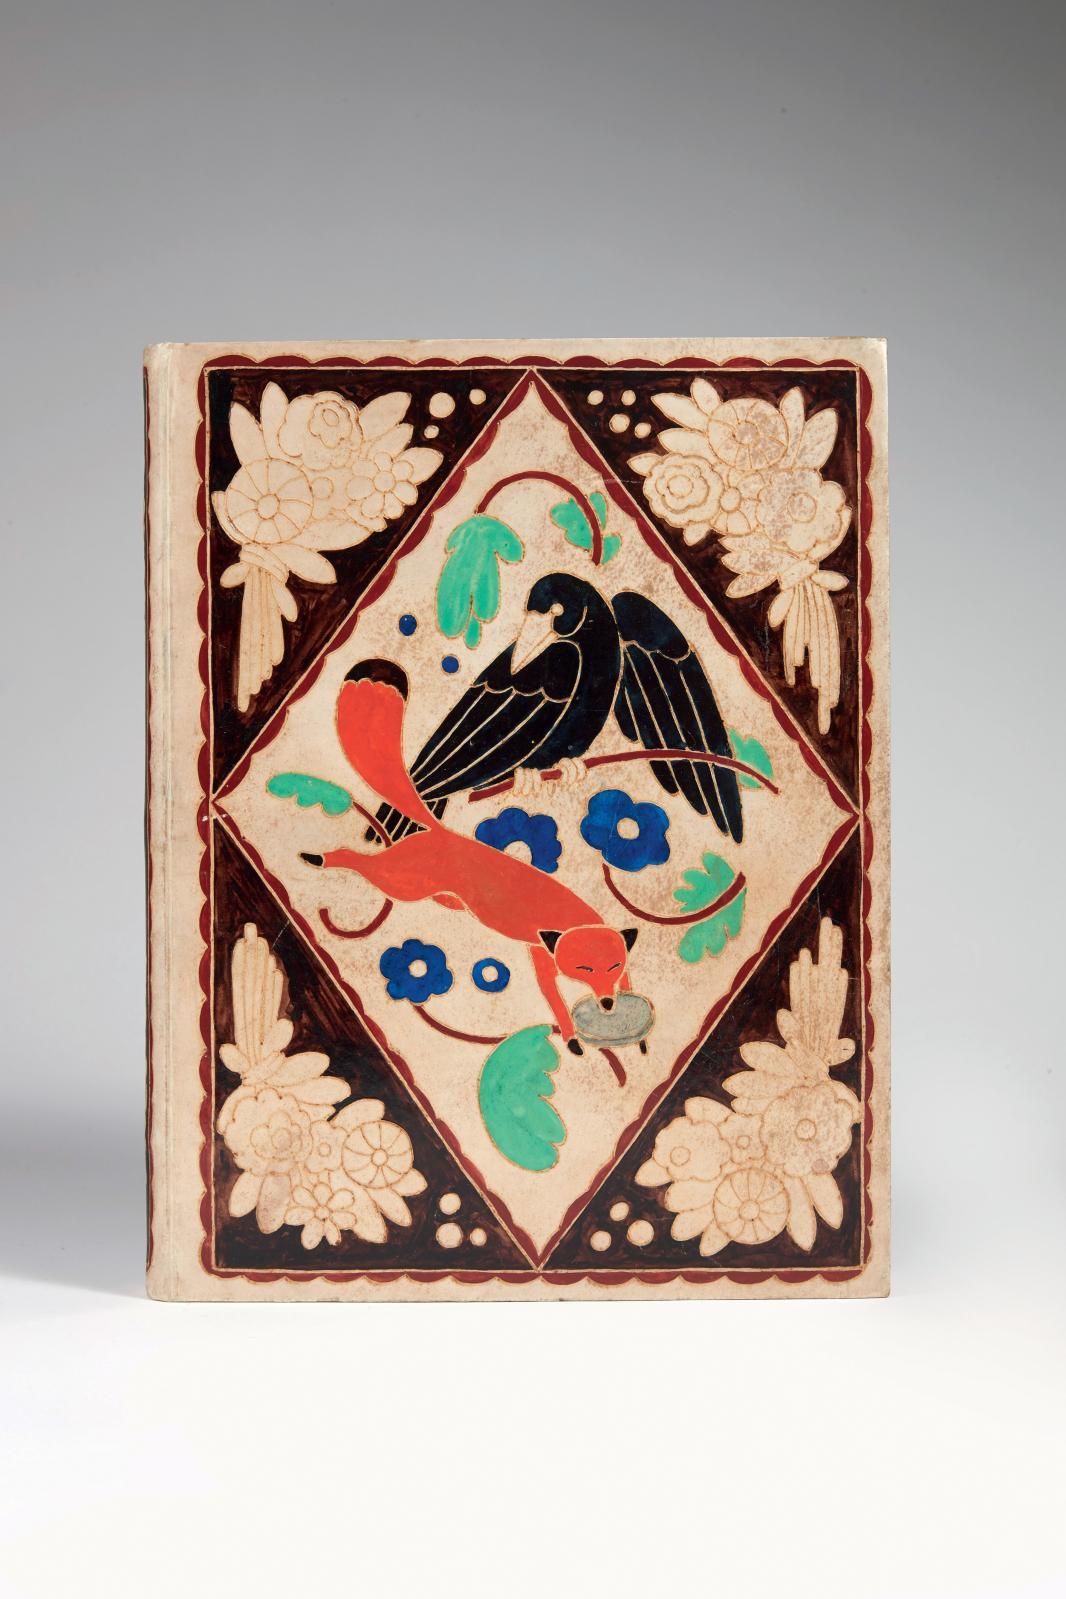 Jean de La Fontaine (1621-1965), Fables, illustrées par Benjamin Rabier (1864-1939), Paris, Librairie illustrée, Jules Tallandier, sans date [1906], i